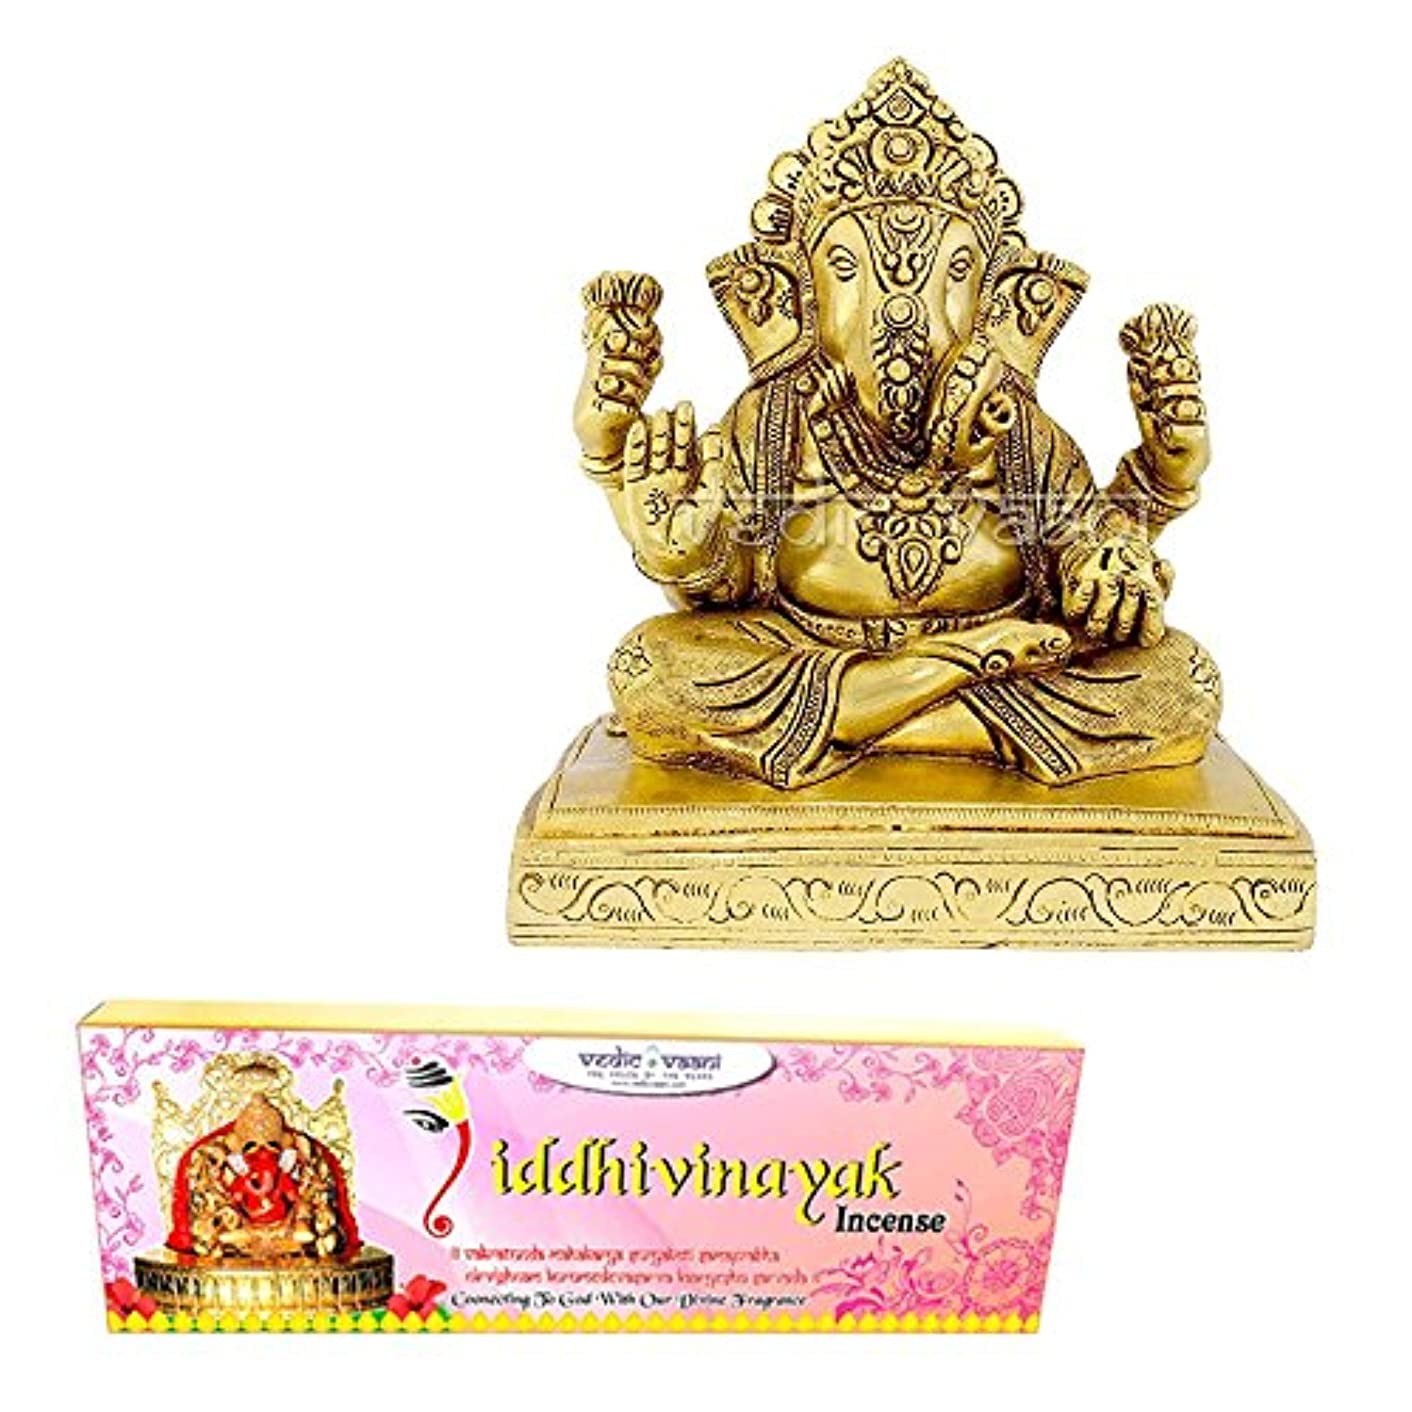 四面体月令状Vedic Vaani Dagadusheth Ganpati Bappa Fine Idol In Brass With Siddhi Vinayak Incense